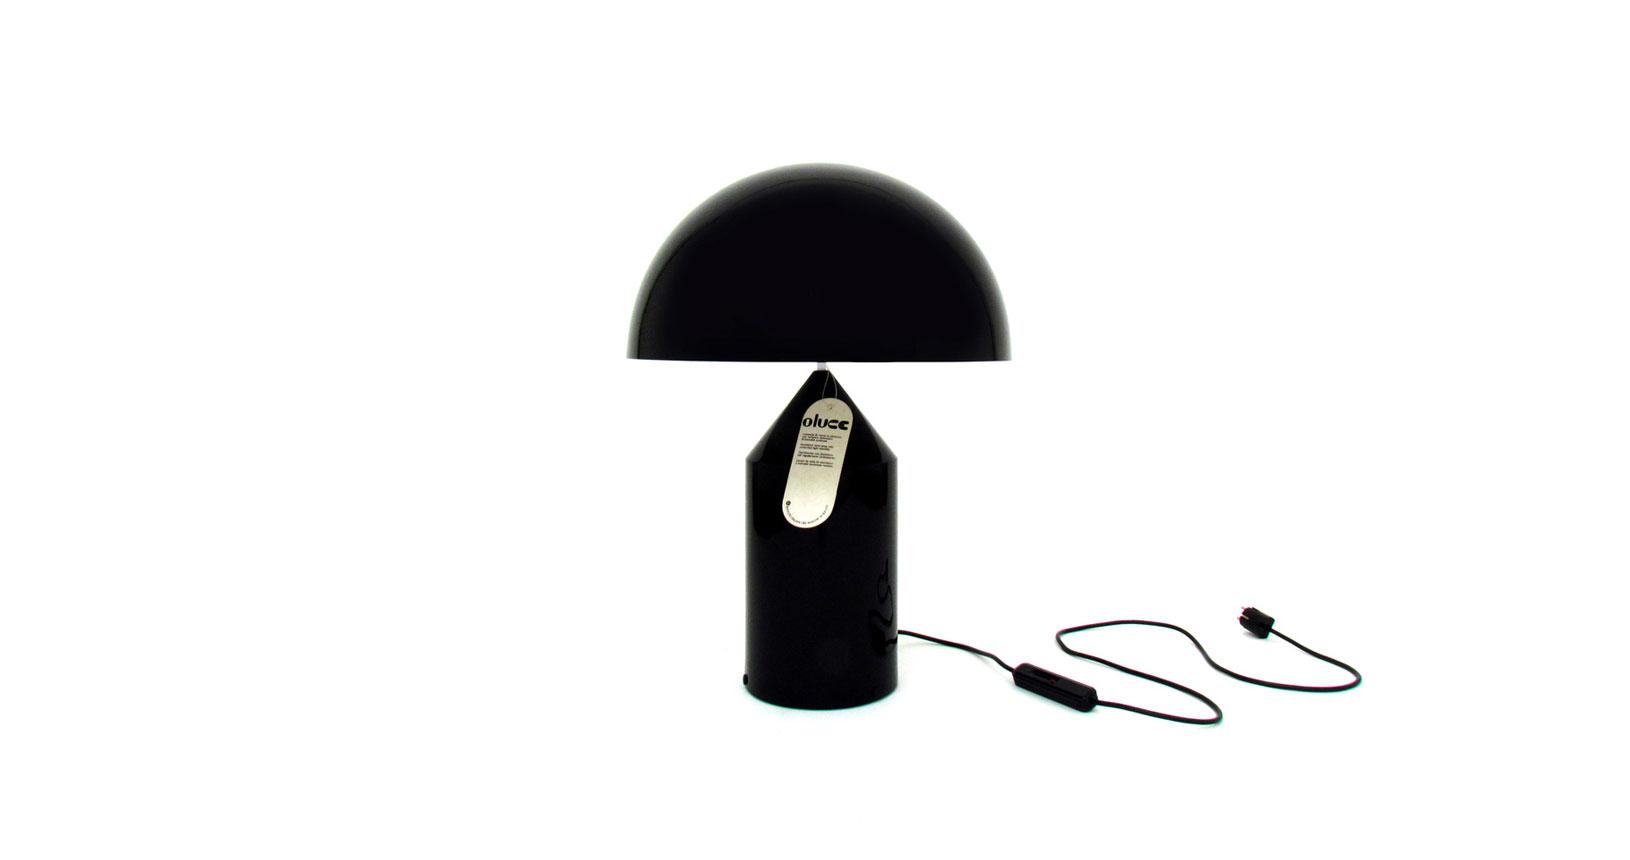 atollo 235 lamp vico magistretti black metal nero lampada oluce